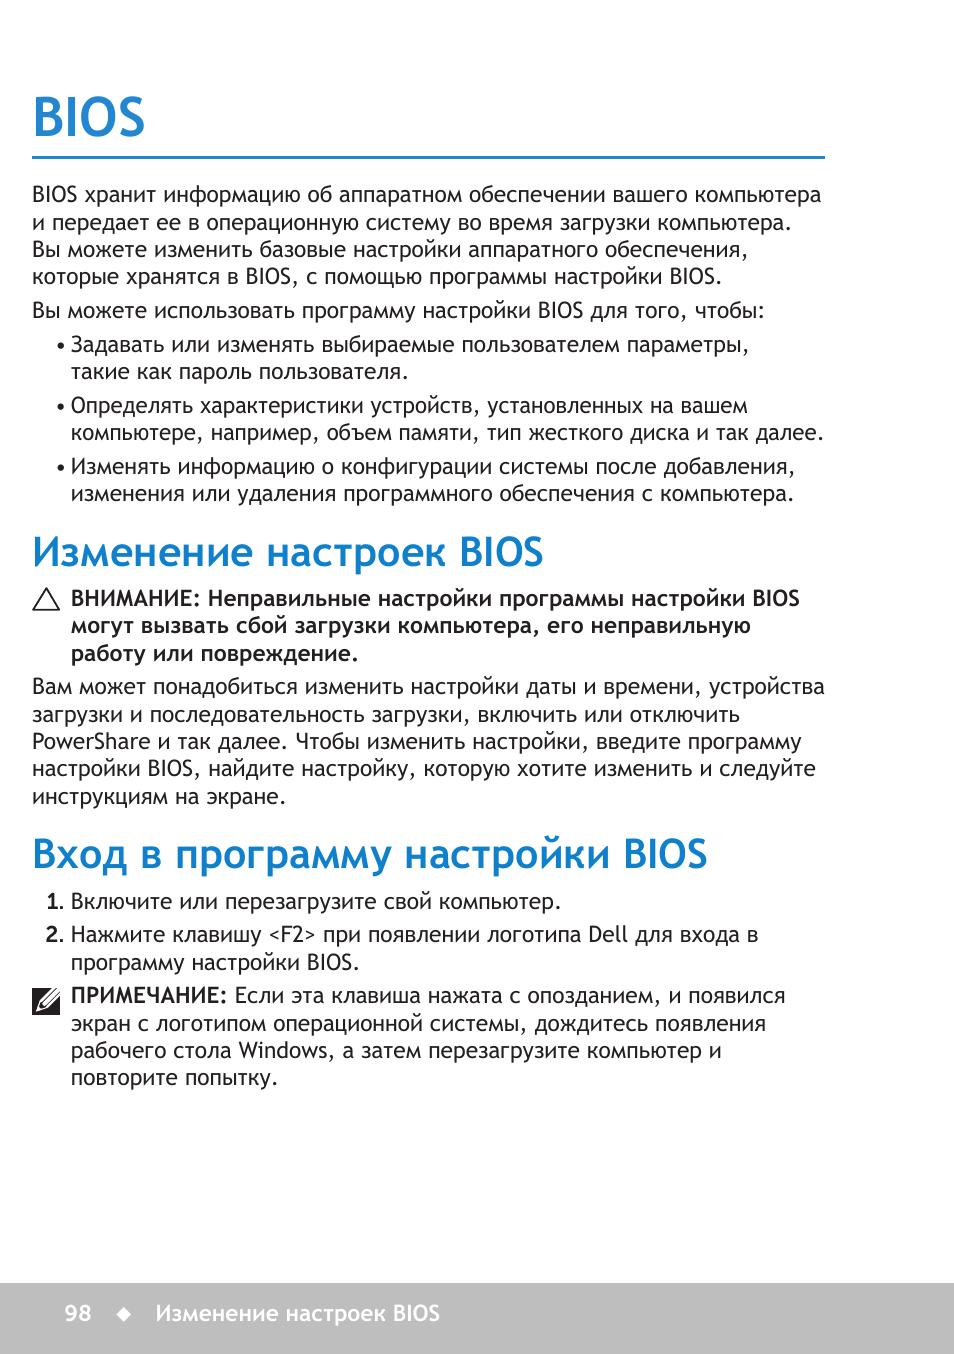 Bios, Изменение настроек bios, Вход в программу настройки bios